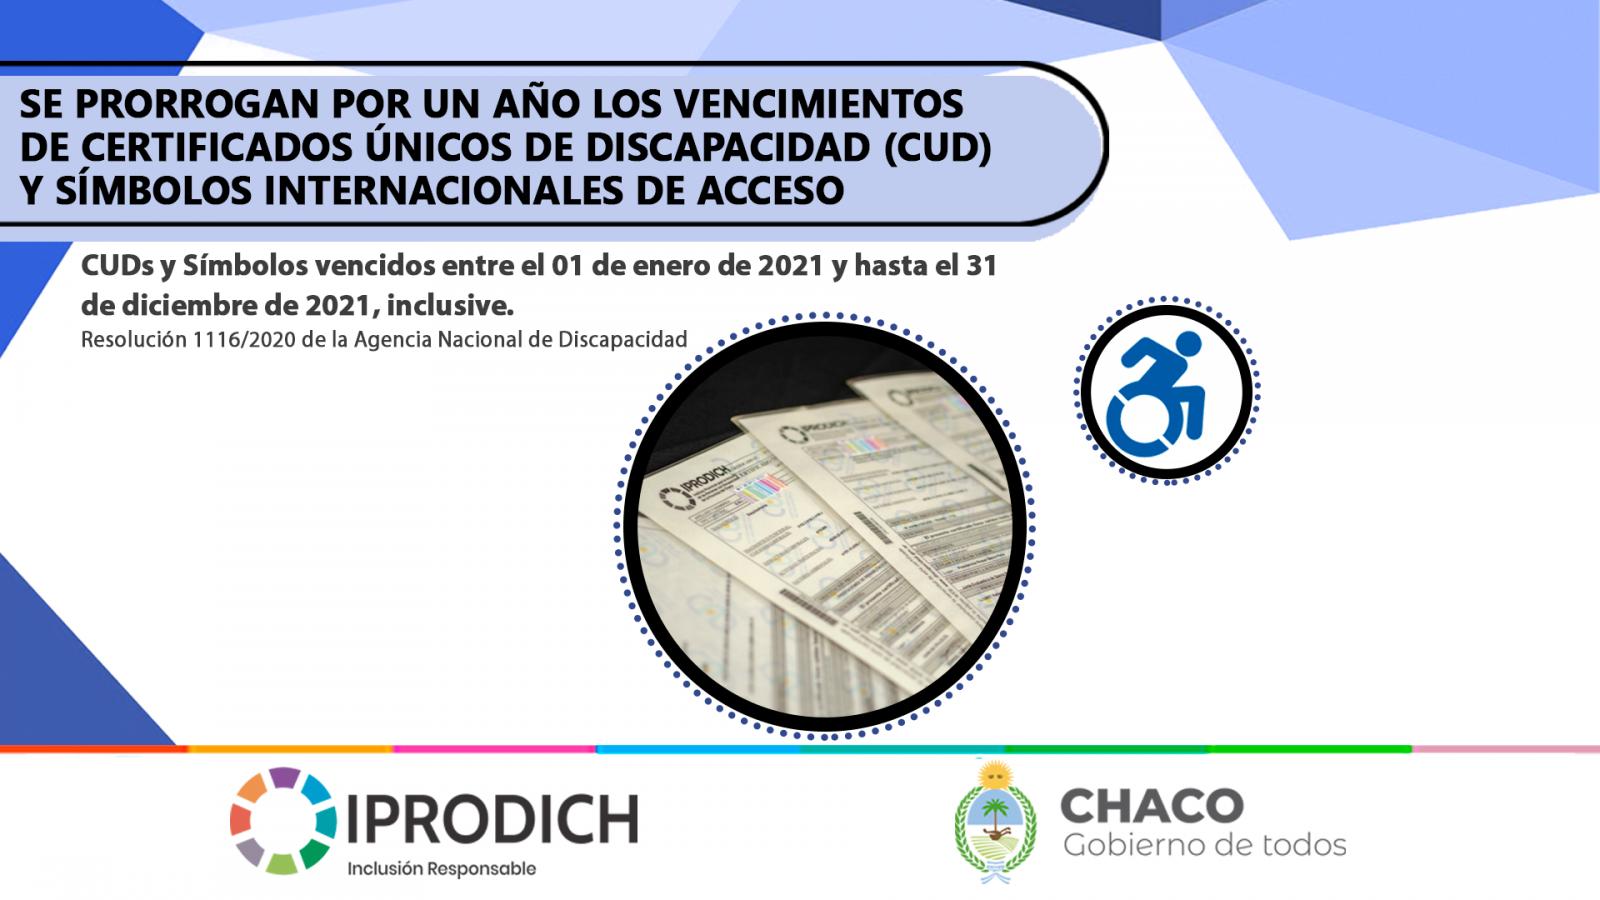 IPRODICH INFORMA QUE SE PRORROGAN POR UN AÑO LOS VENCIMIENTOS DE CUDs Y SÍMBOLOS INTERNACIONALES DE ACCESO